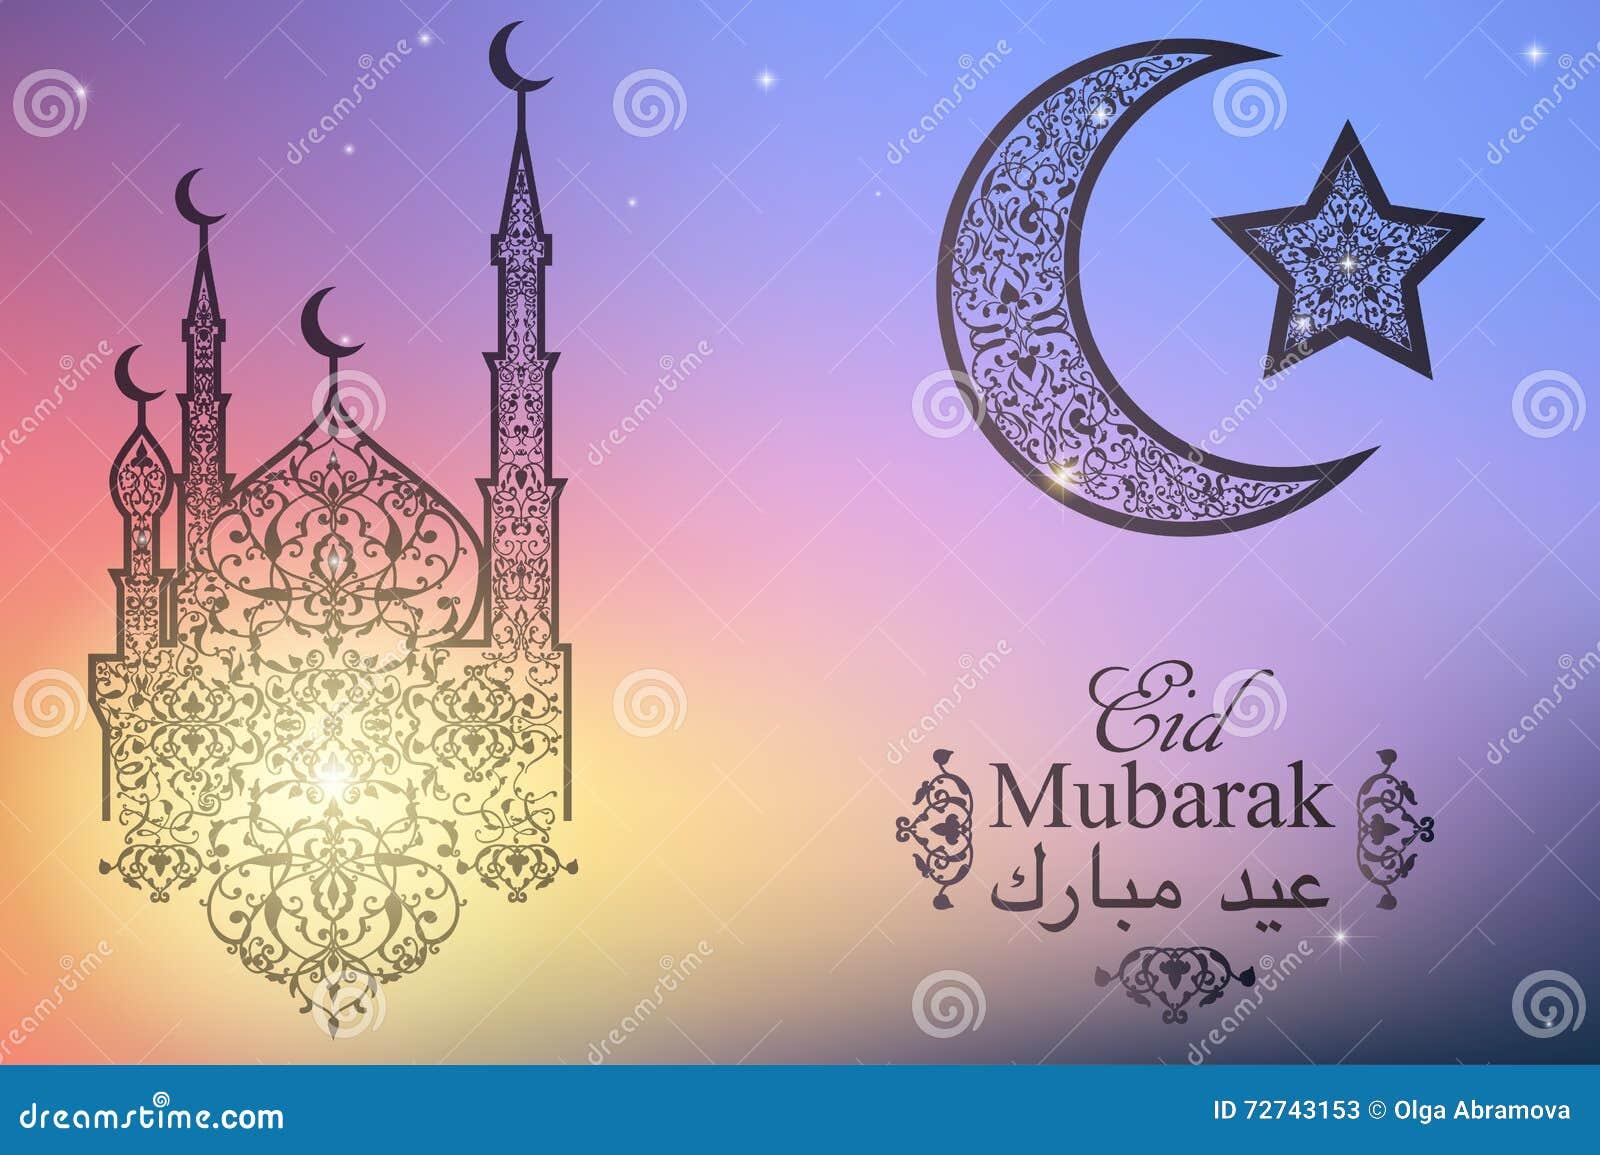 Englisch übersetzt Eid Mubarak Schöne Moschee Halbmond Und Stern